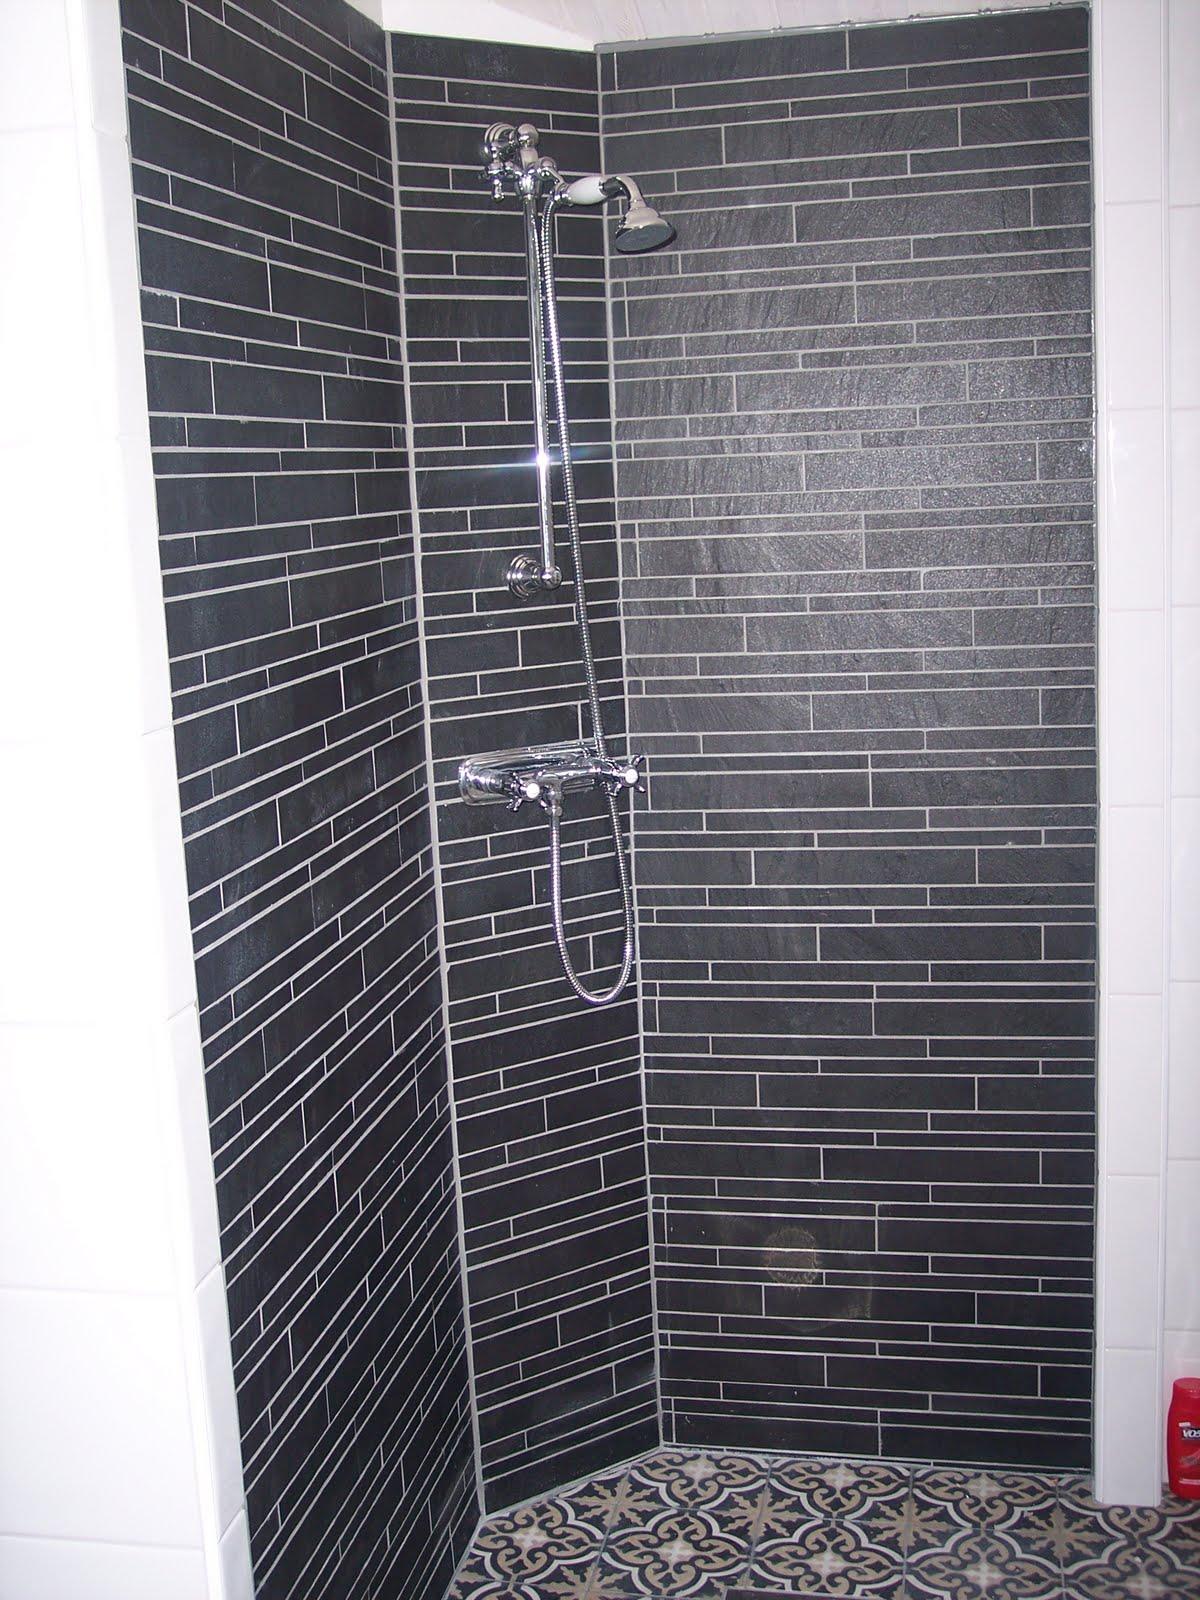 Jönsgården: Äntligen en titt i badrummet!